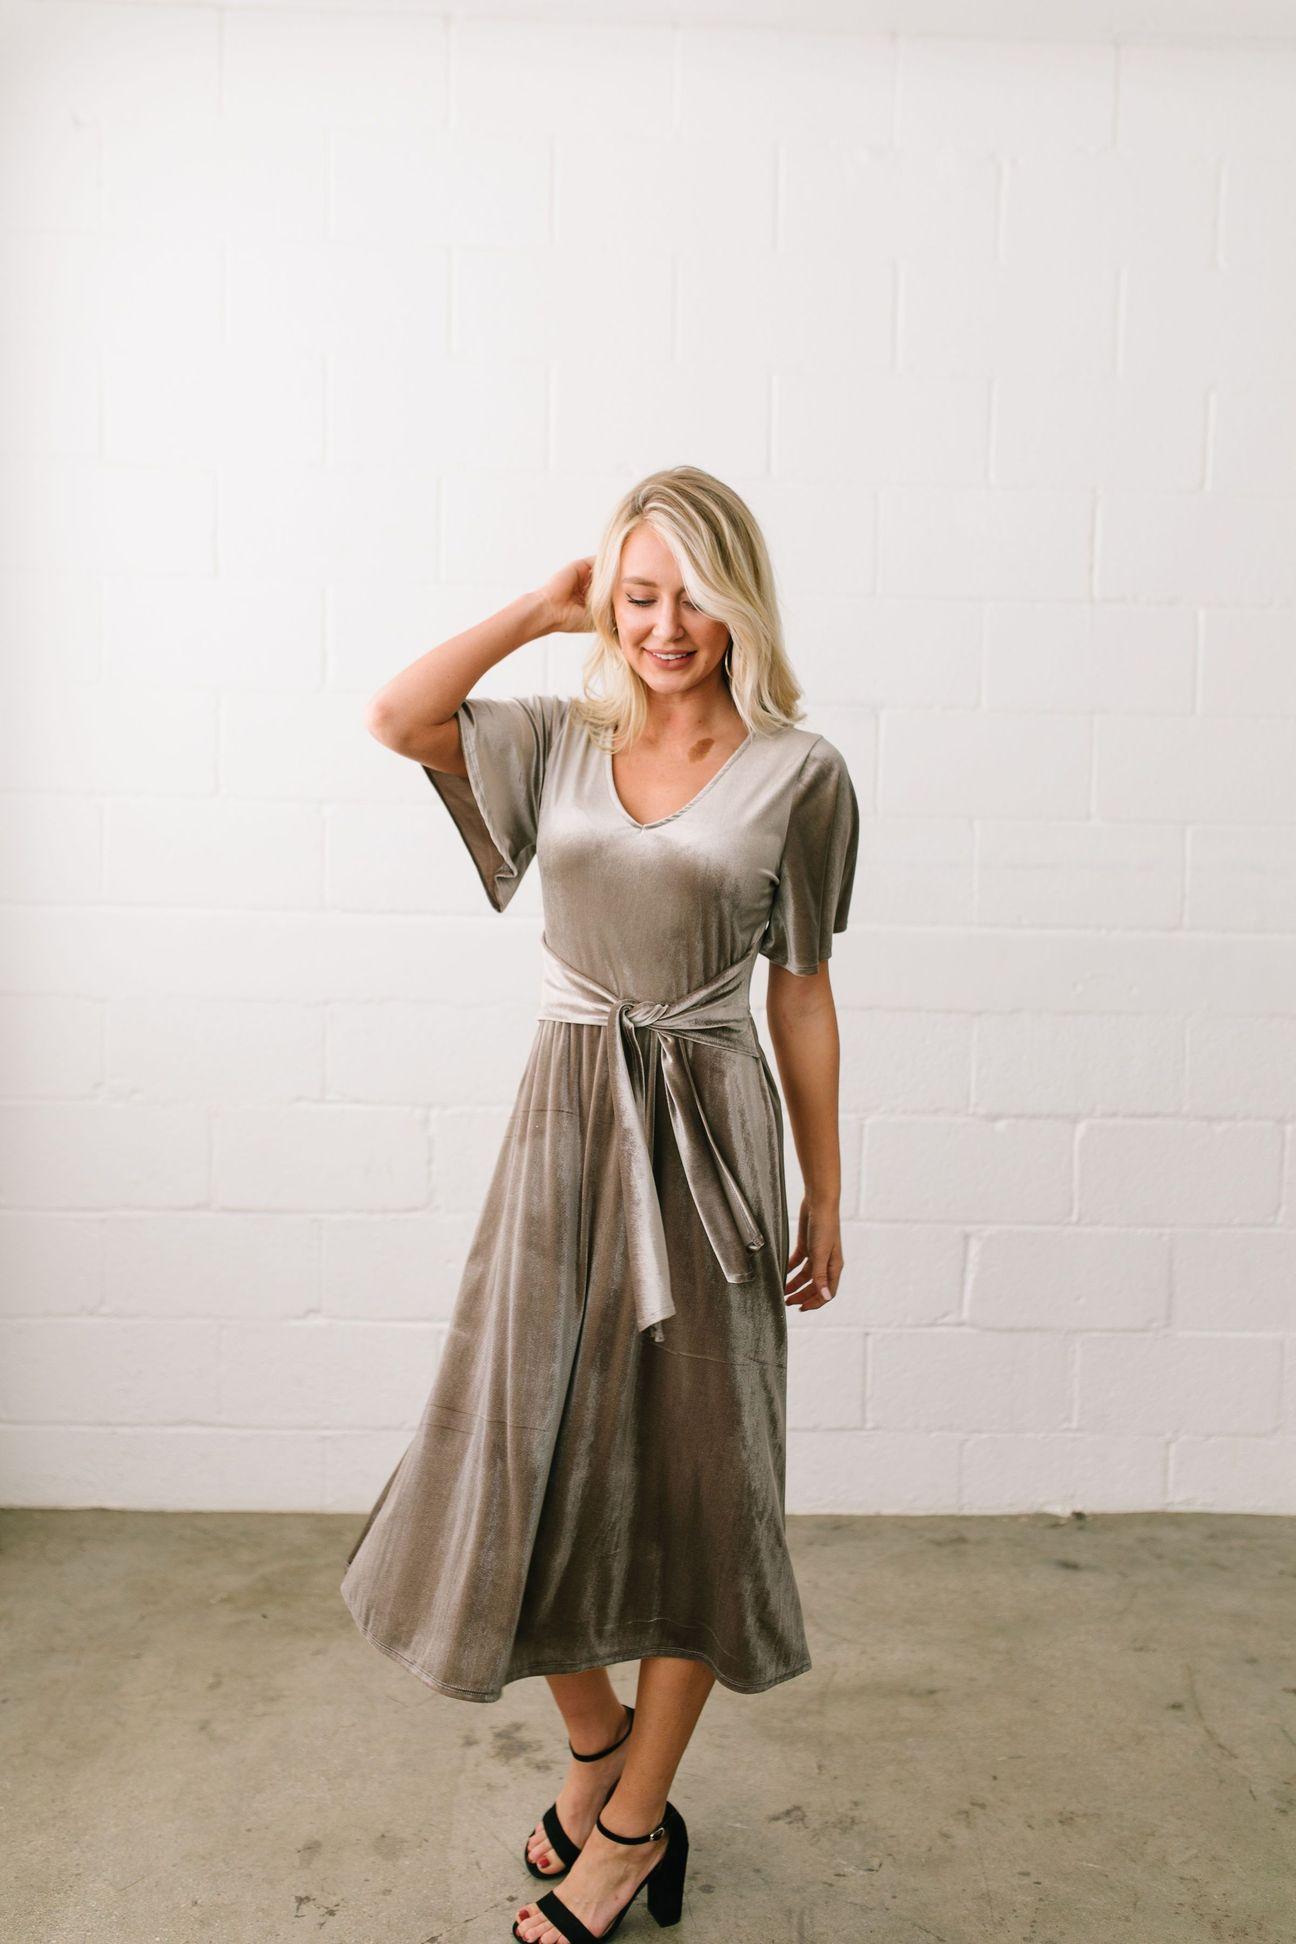 smile-sparkle-shine-velvet-dress-in-champagne-2_1c77f011-adff-48a4-8844-75eec41eaf19_1296x.jpg